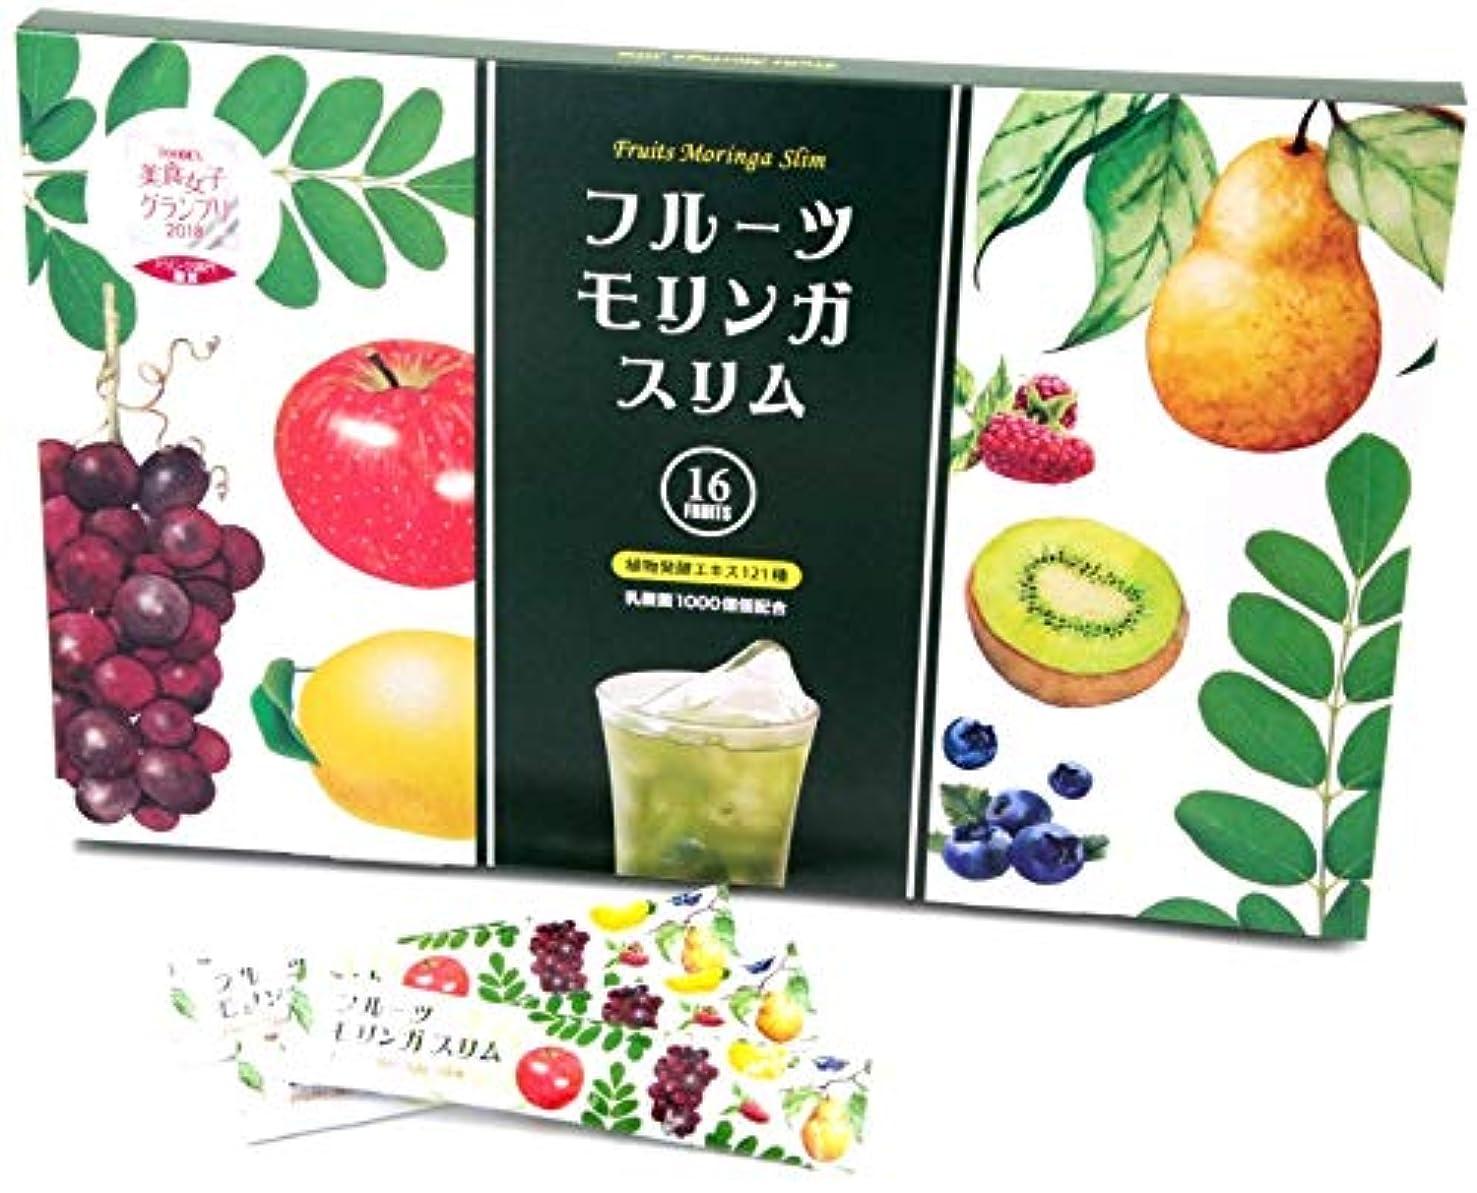 クリエイティブ純正足枷フルーツ モリンガ 美容 健康 栄養 食習慣 ボディメイク 国産品 (1箱/3g×30包)